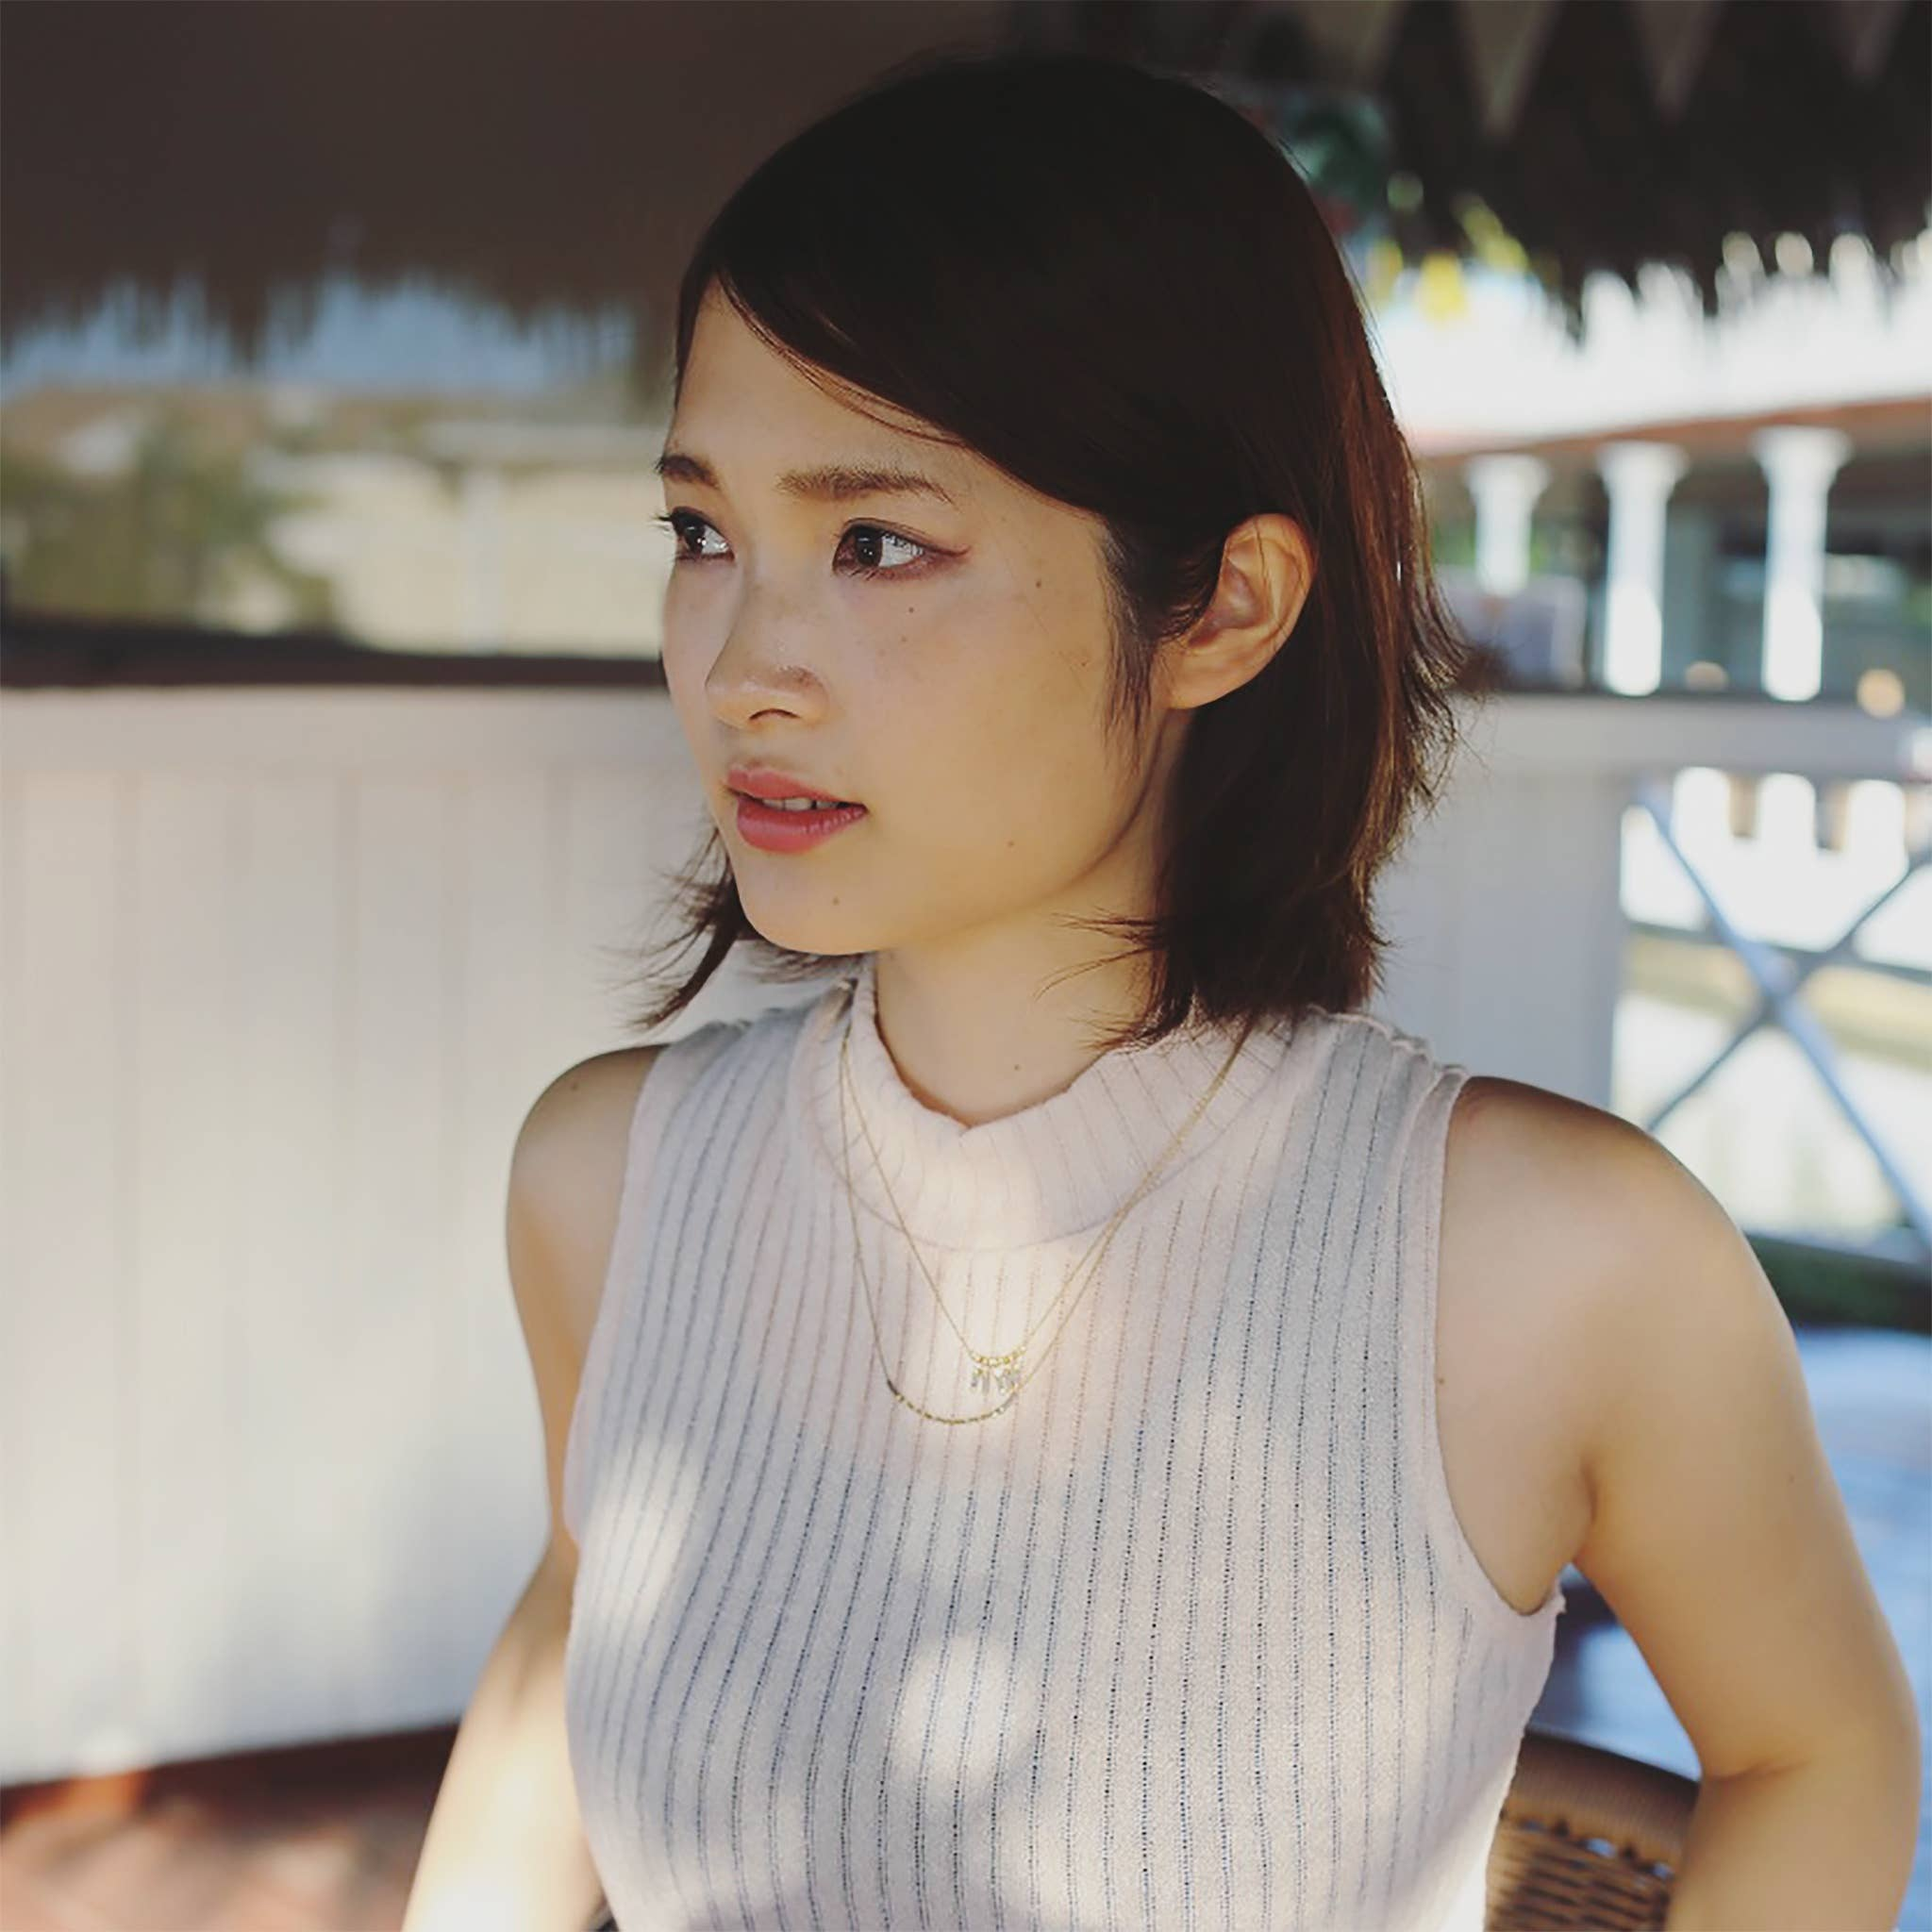 Haruka Kyuko